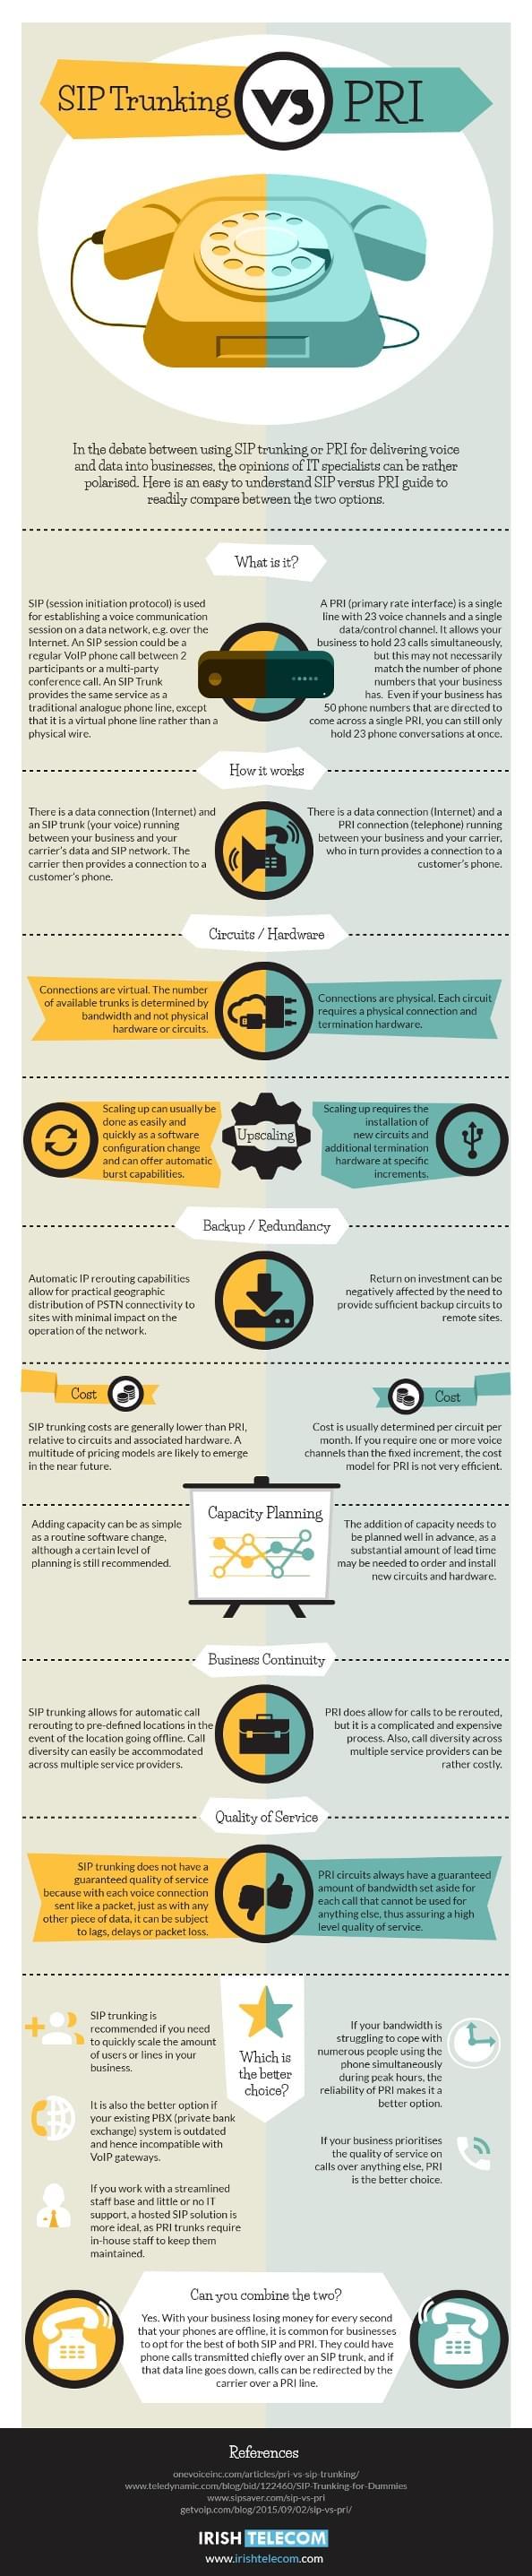 SIP vs PRI Infographic